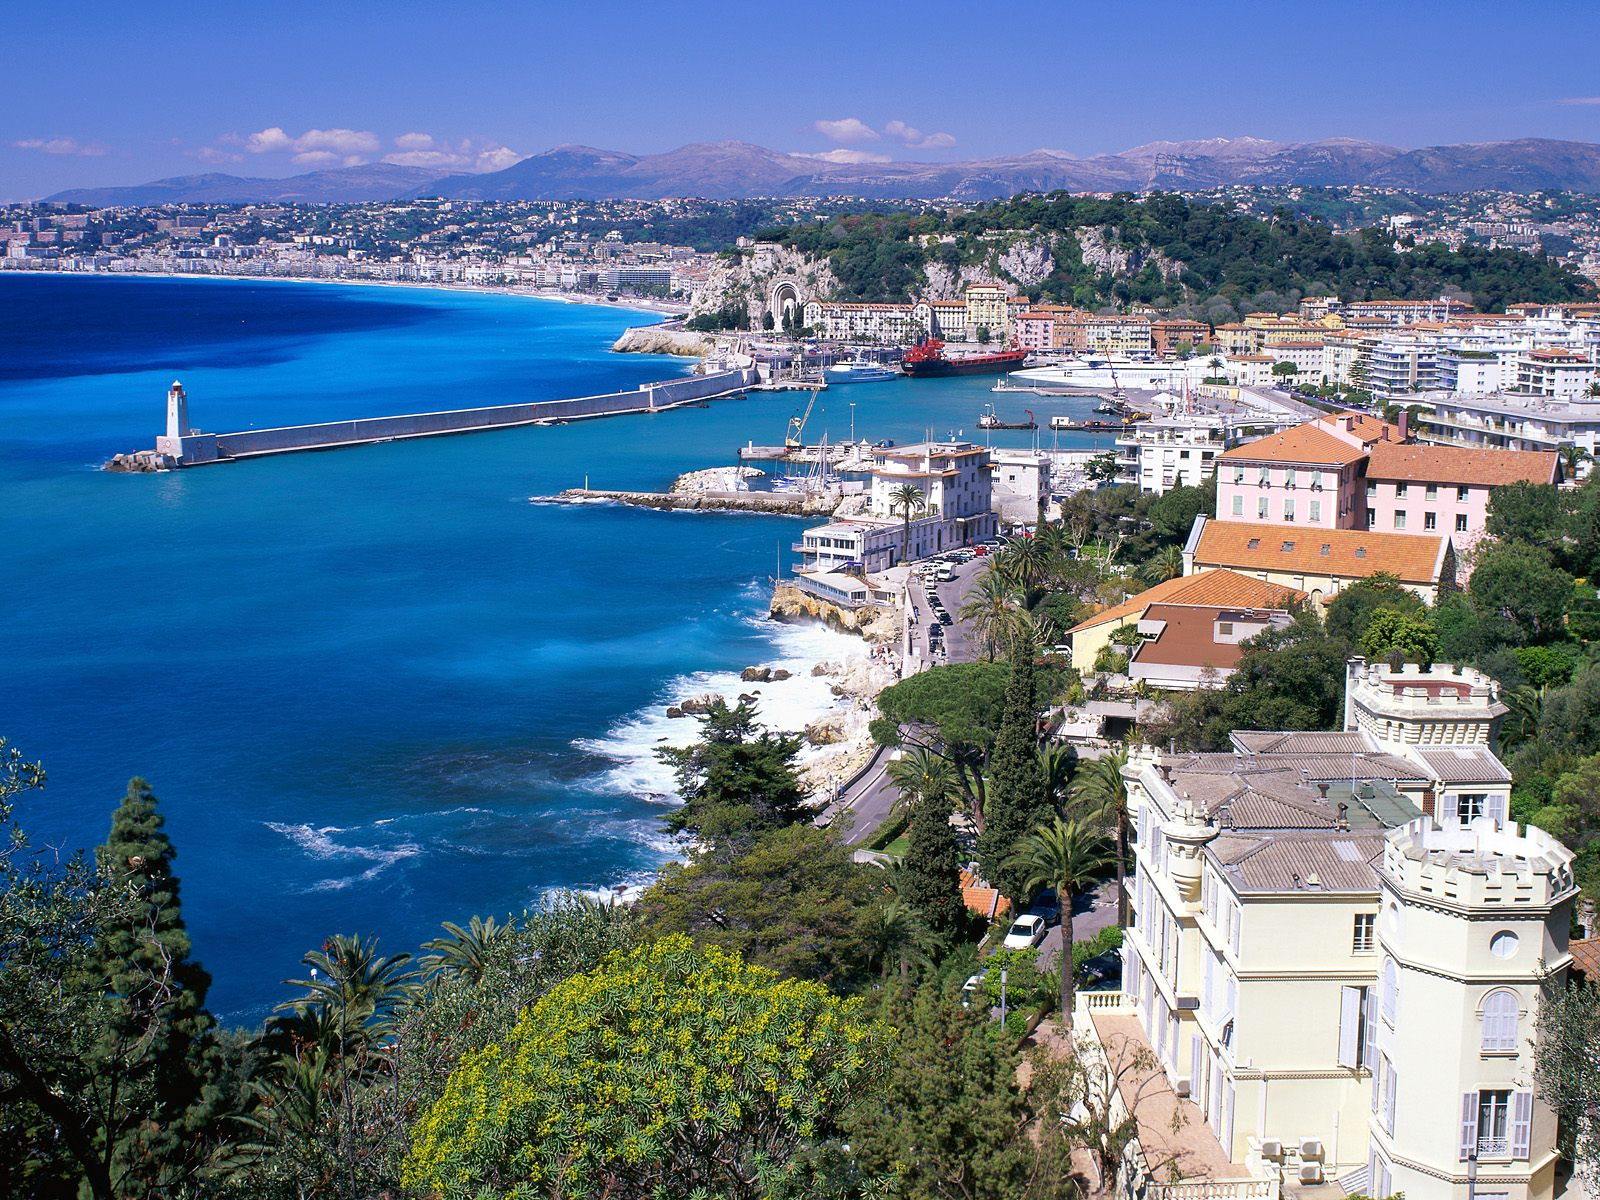 Просмотр Ницца, Франция картину, прибрежных Вид Ницца, Франция фото, прибрежных Просмотр ...